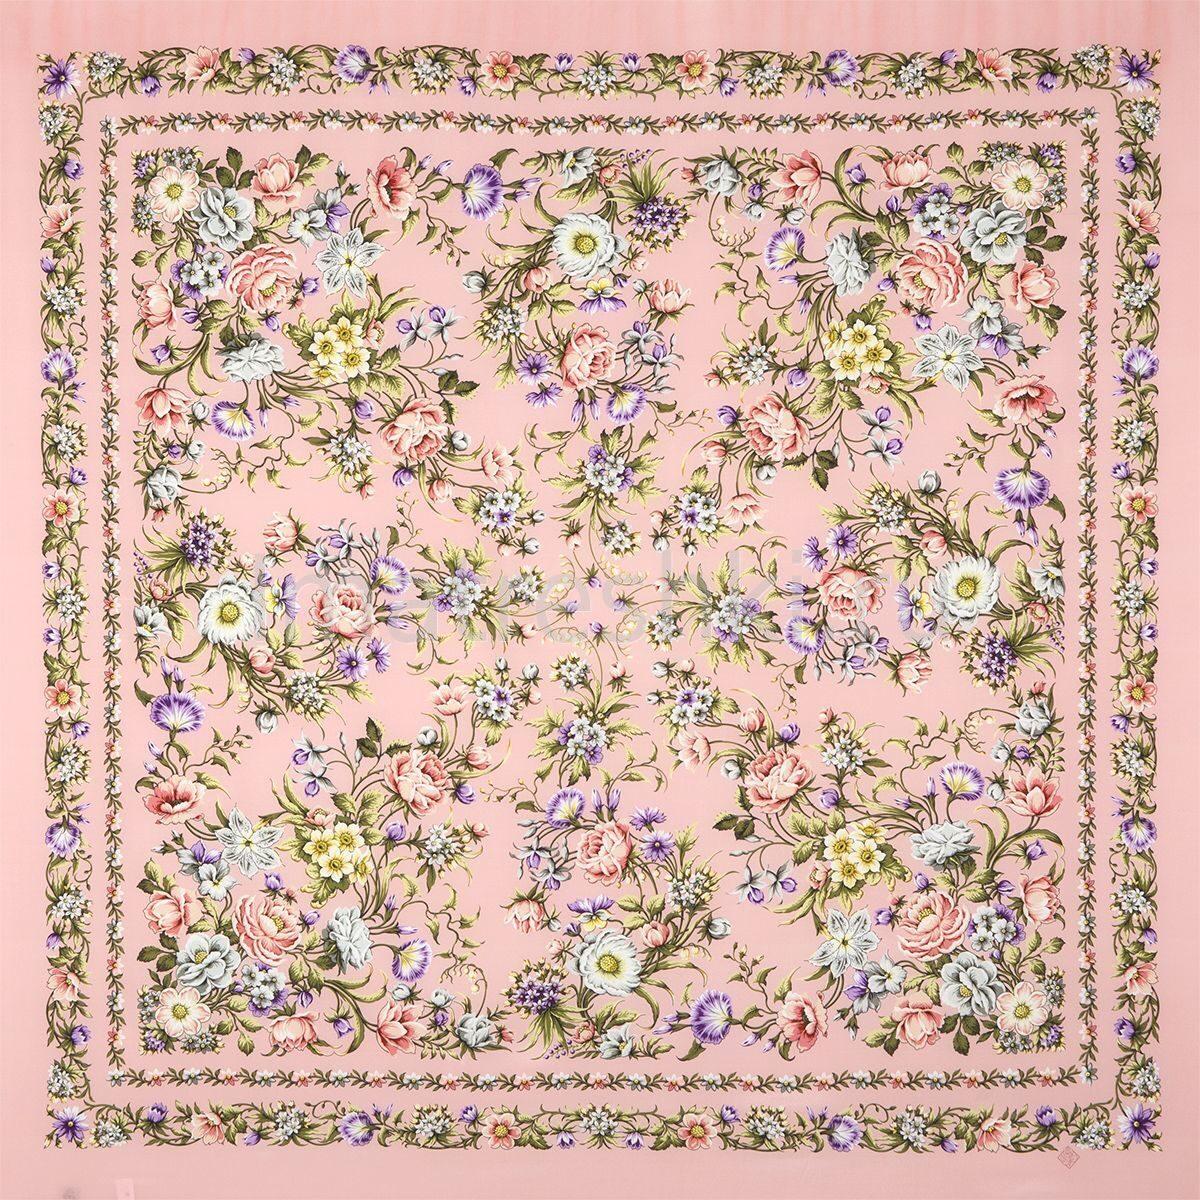 павлопосадский платок цветущая весна